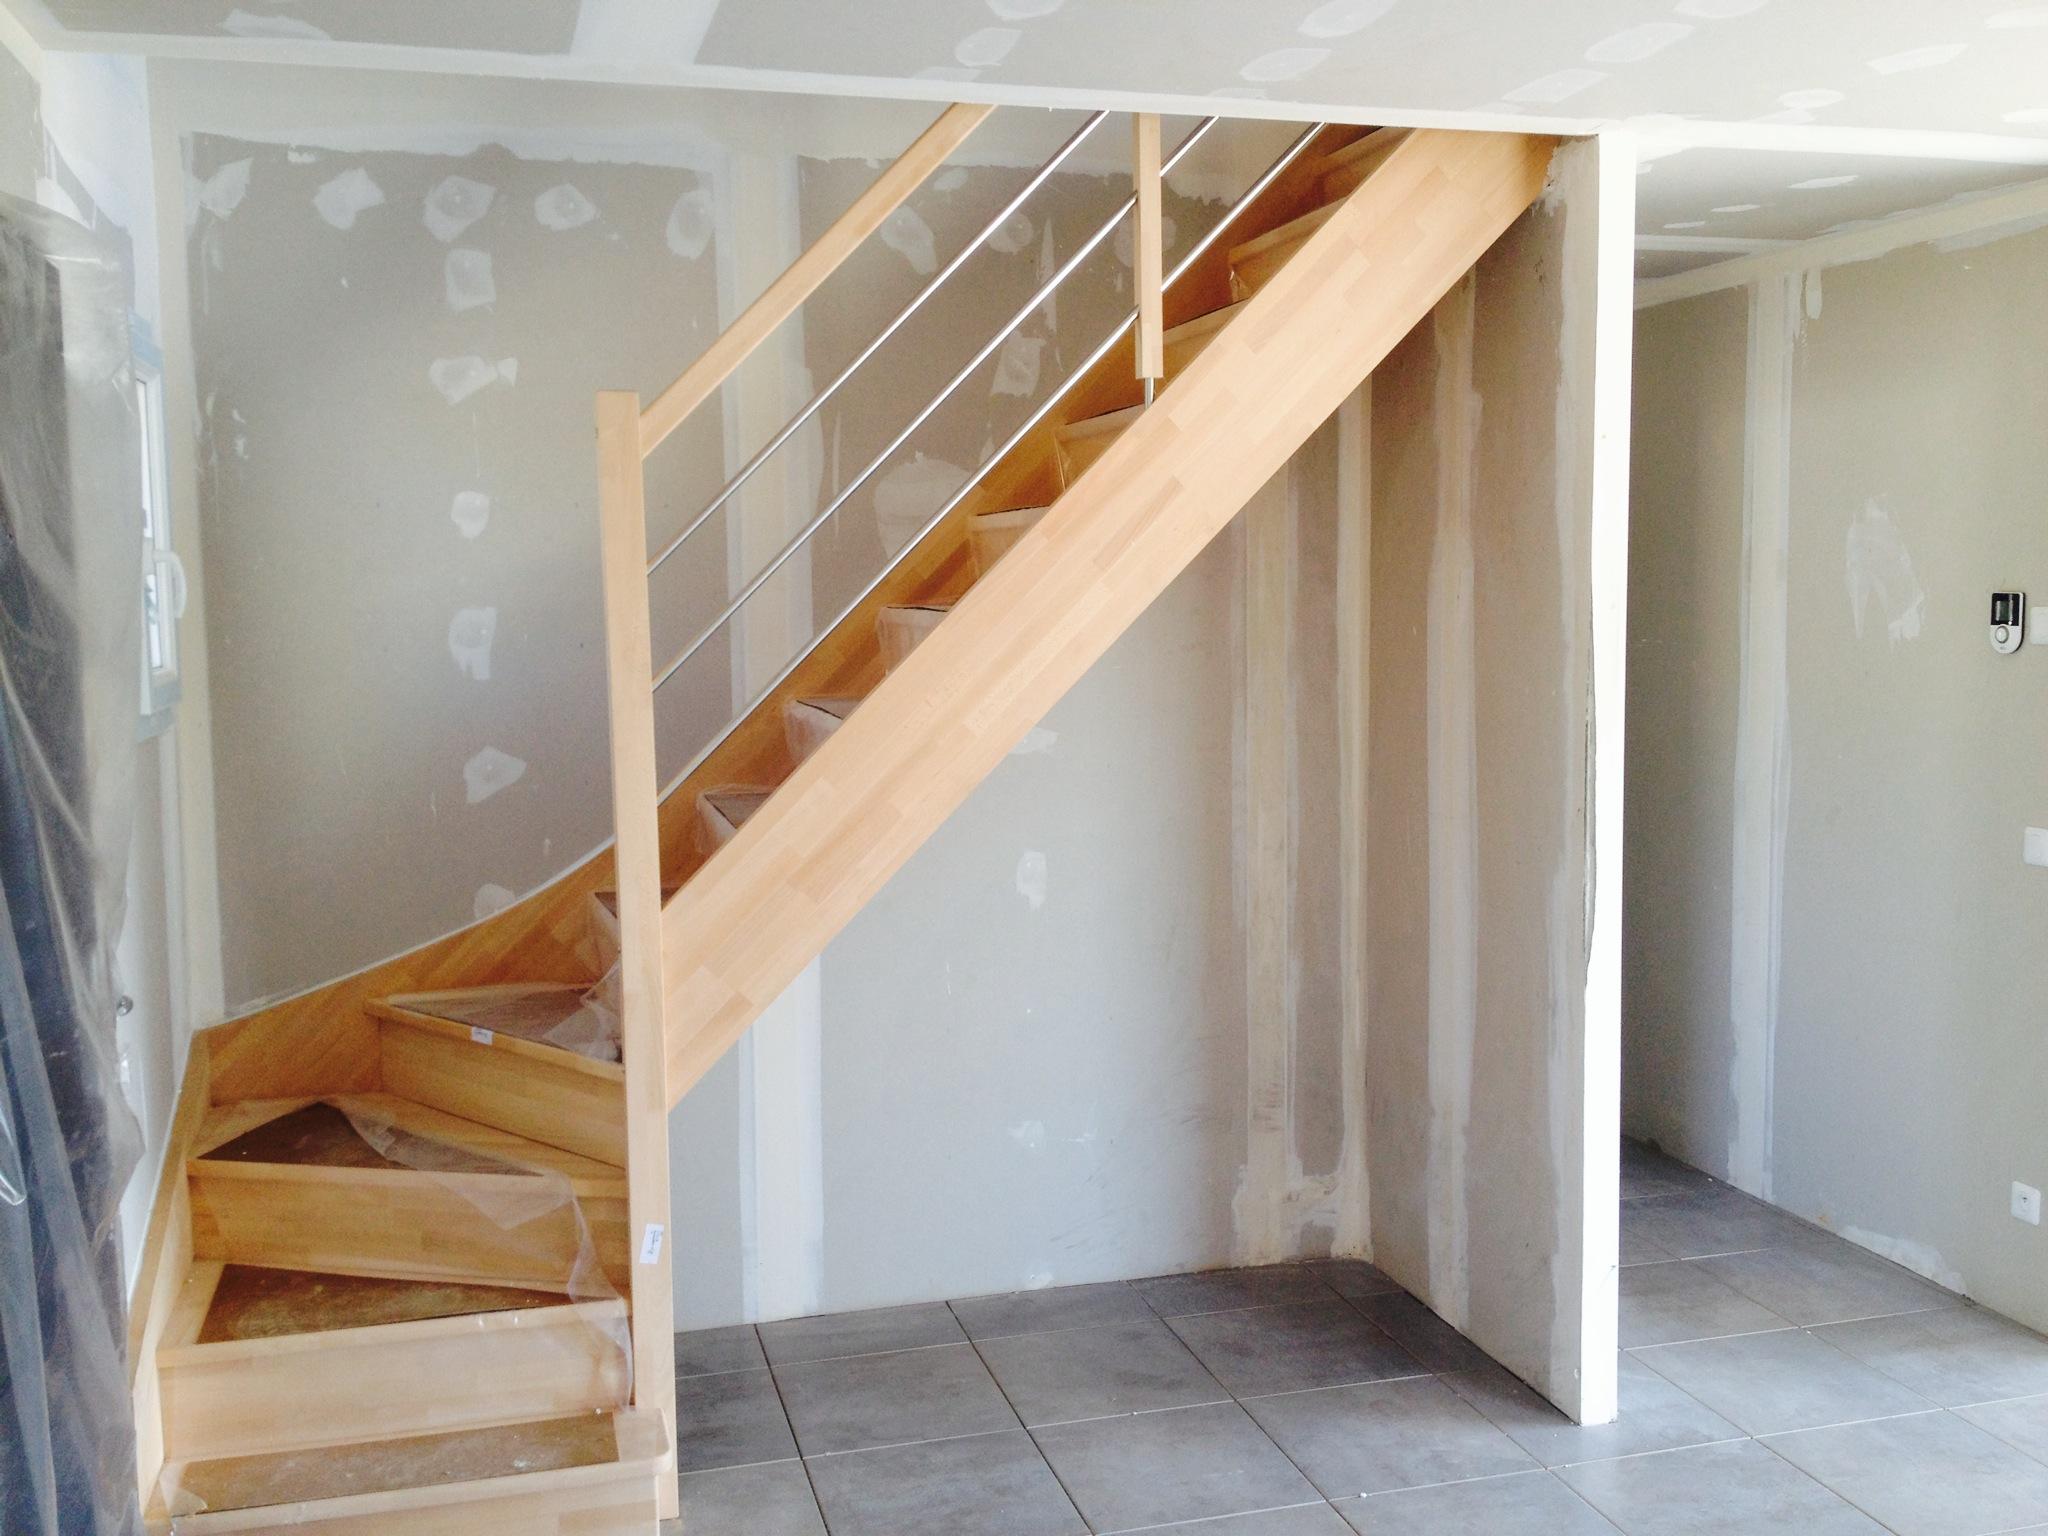 100 habiller son escalier avec une comment habiller une cage d escalie - Comment habiller une cage d escalier ...